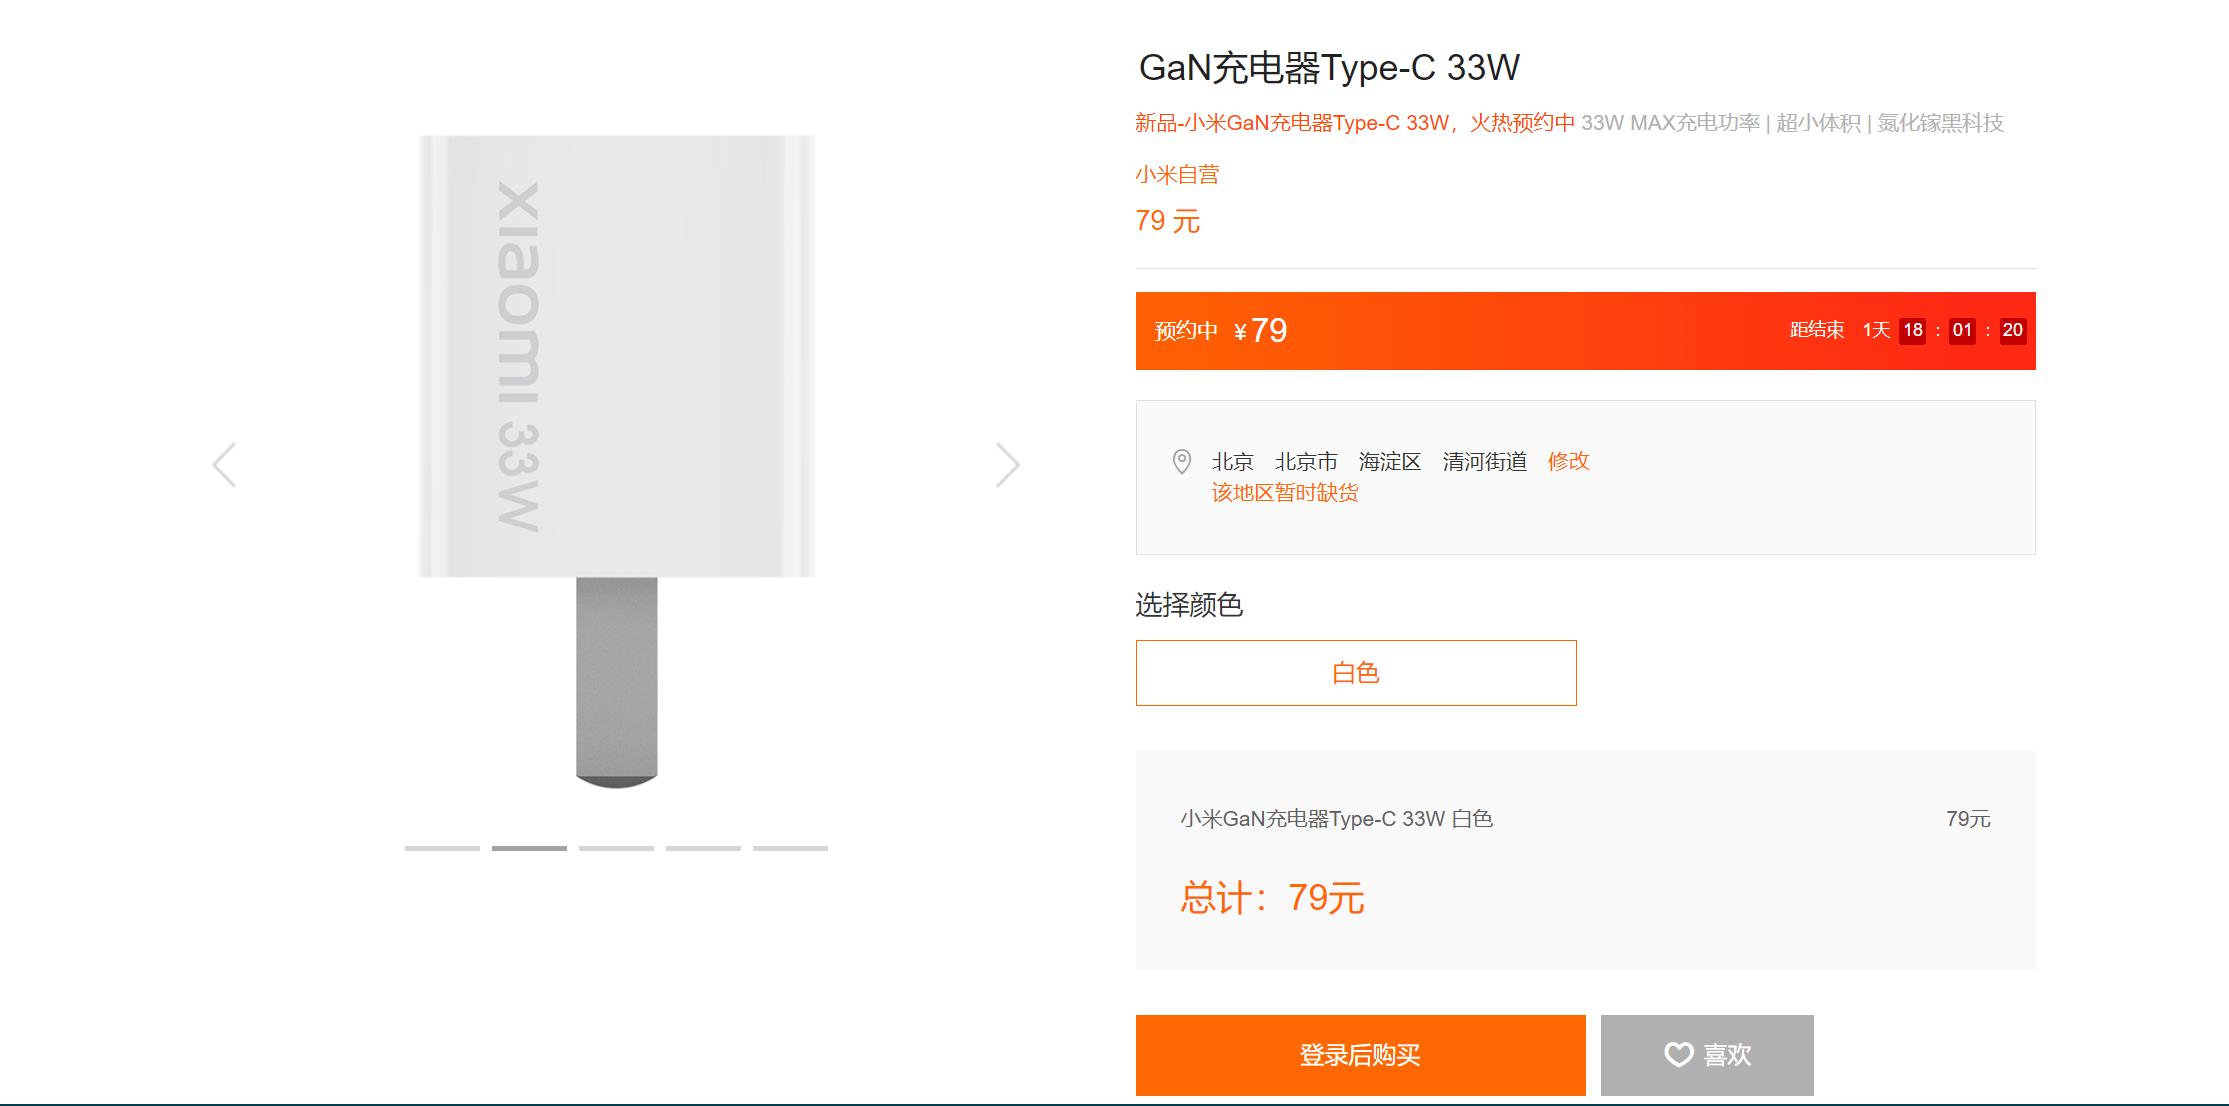 小米全新33W氮化镓充电器上架:体积小效率高 仅售79元